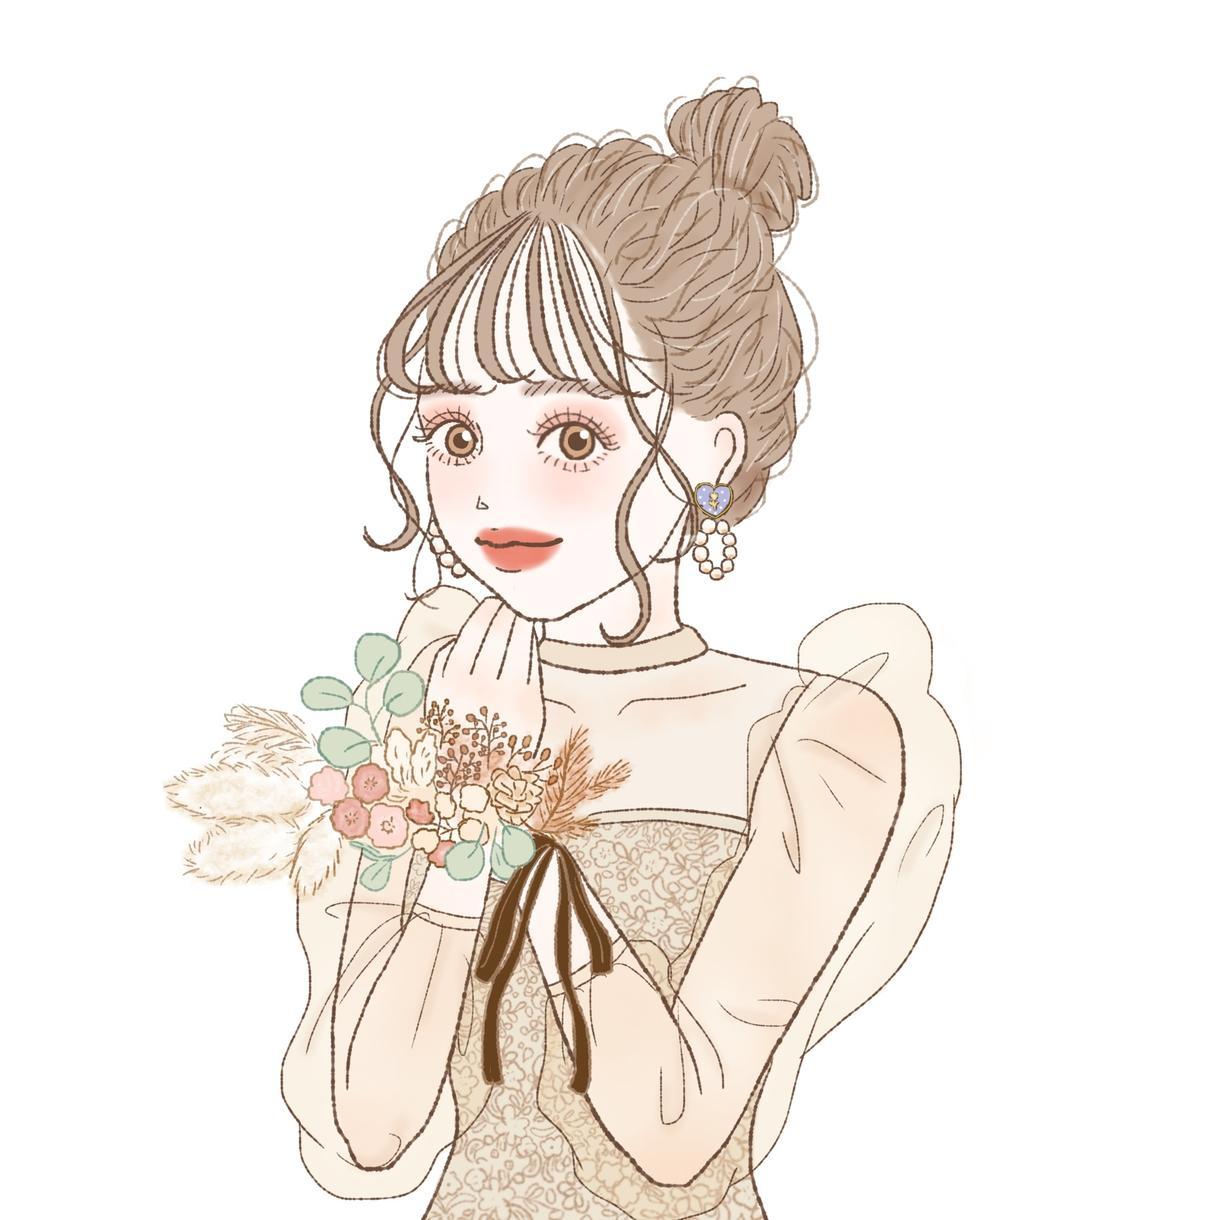 fiore様専用 イラストお描きします イメージガールをお描きします❤︎